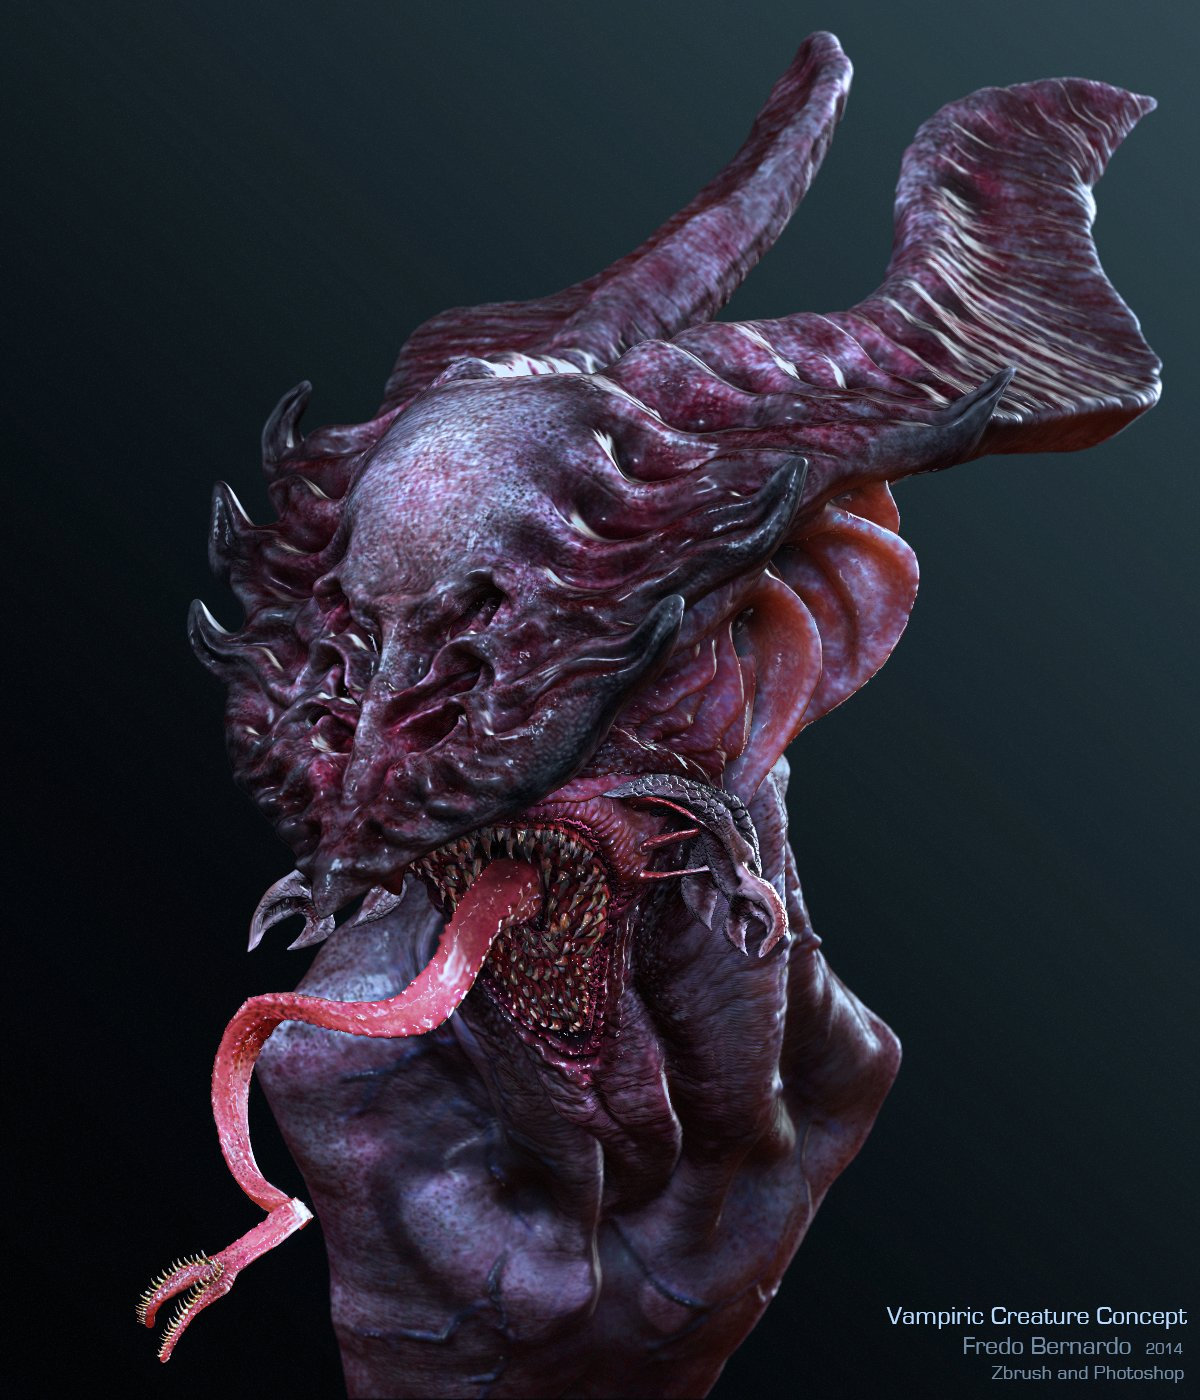 Vampiric Creature Concept